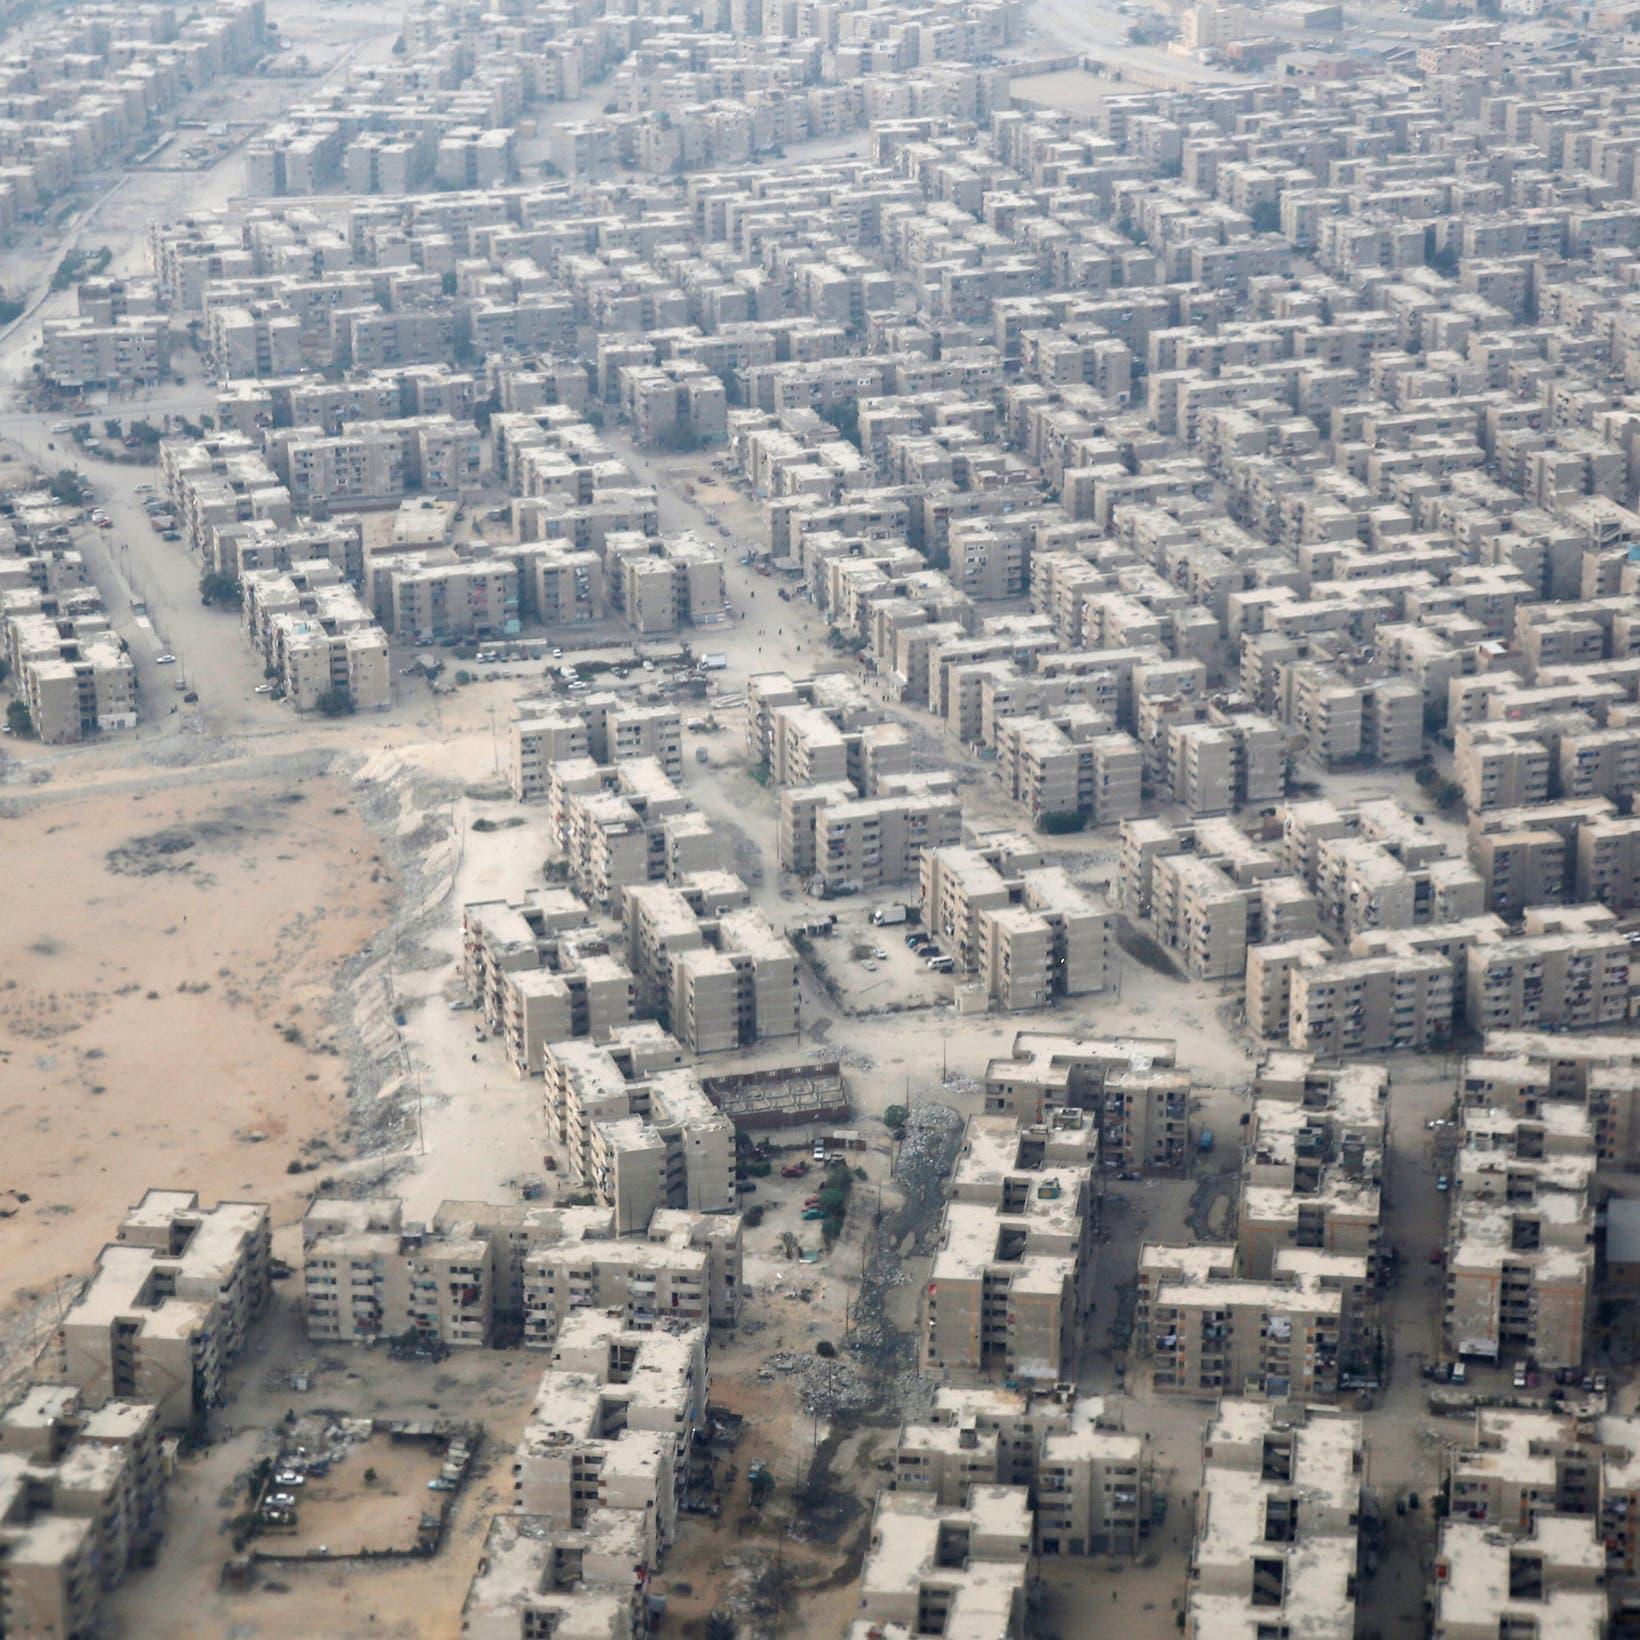 جي إل إل: قطاع العقارات بمصر مستقر وزيادة 10% بإيجارات مراكز التسوق